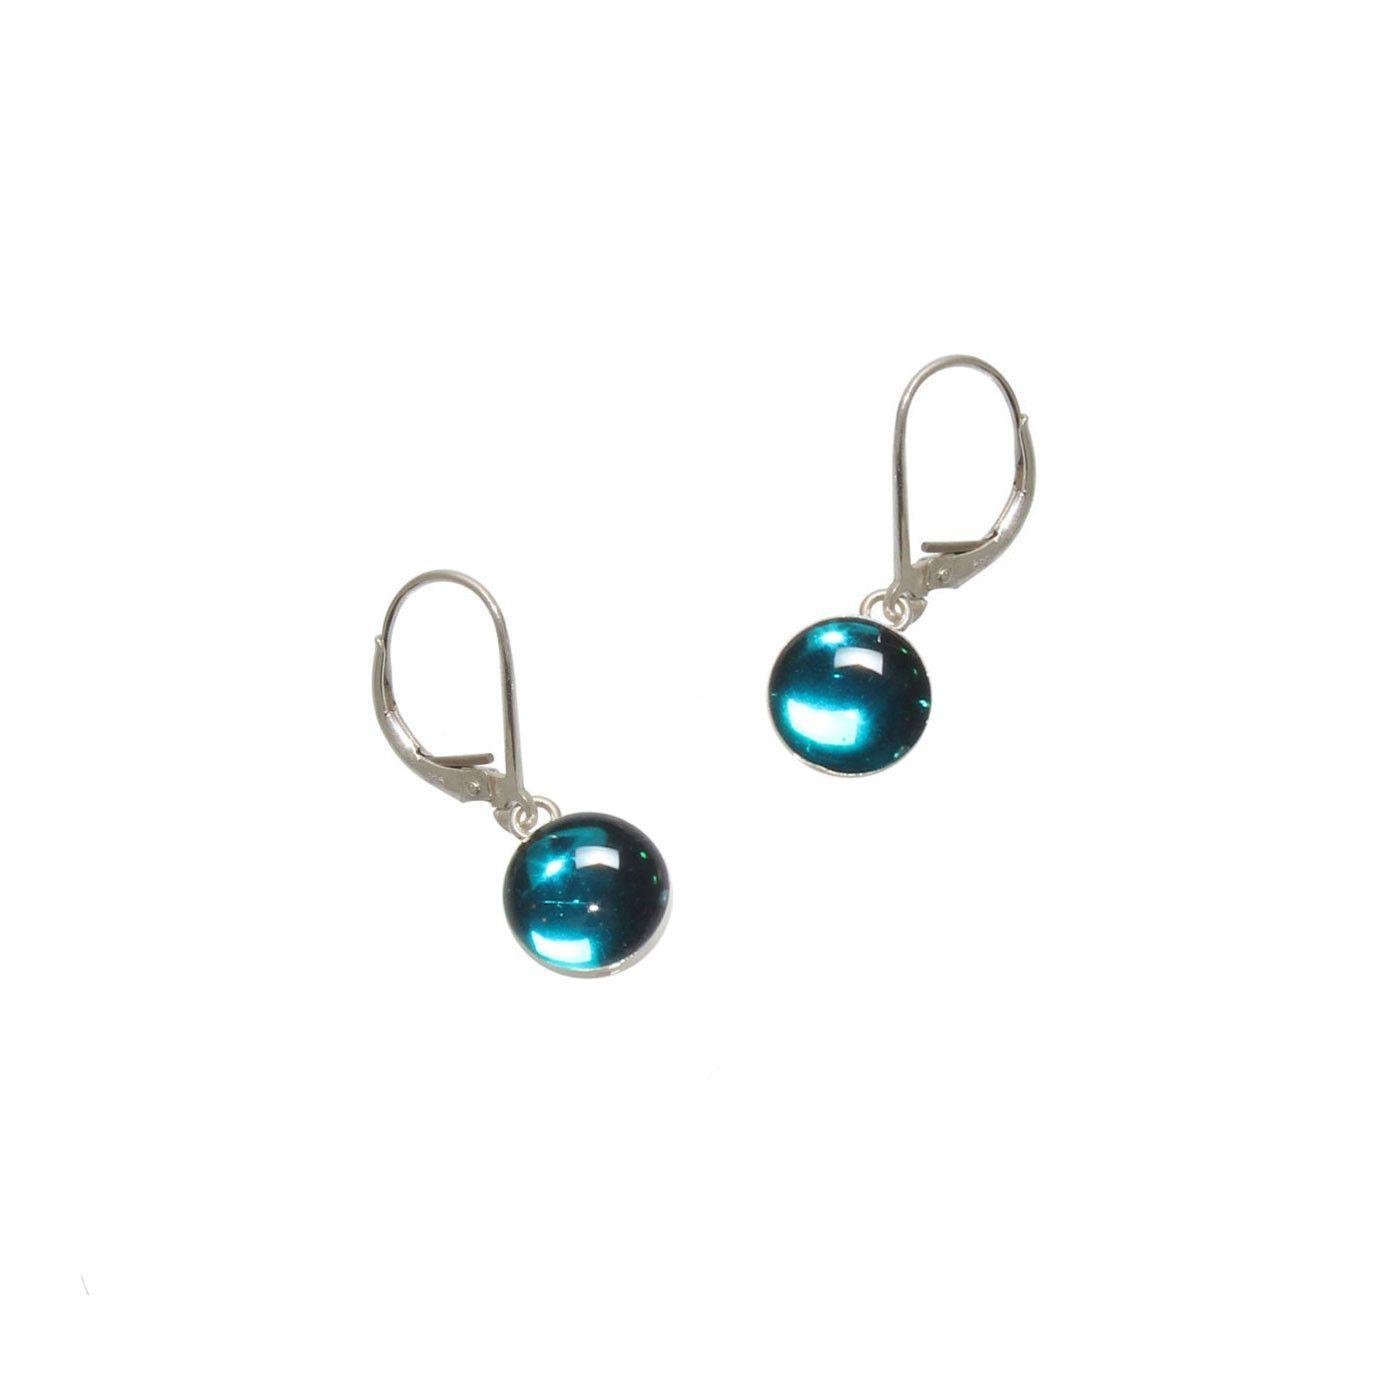 Teal Gumdrop Earrings